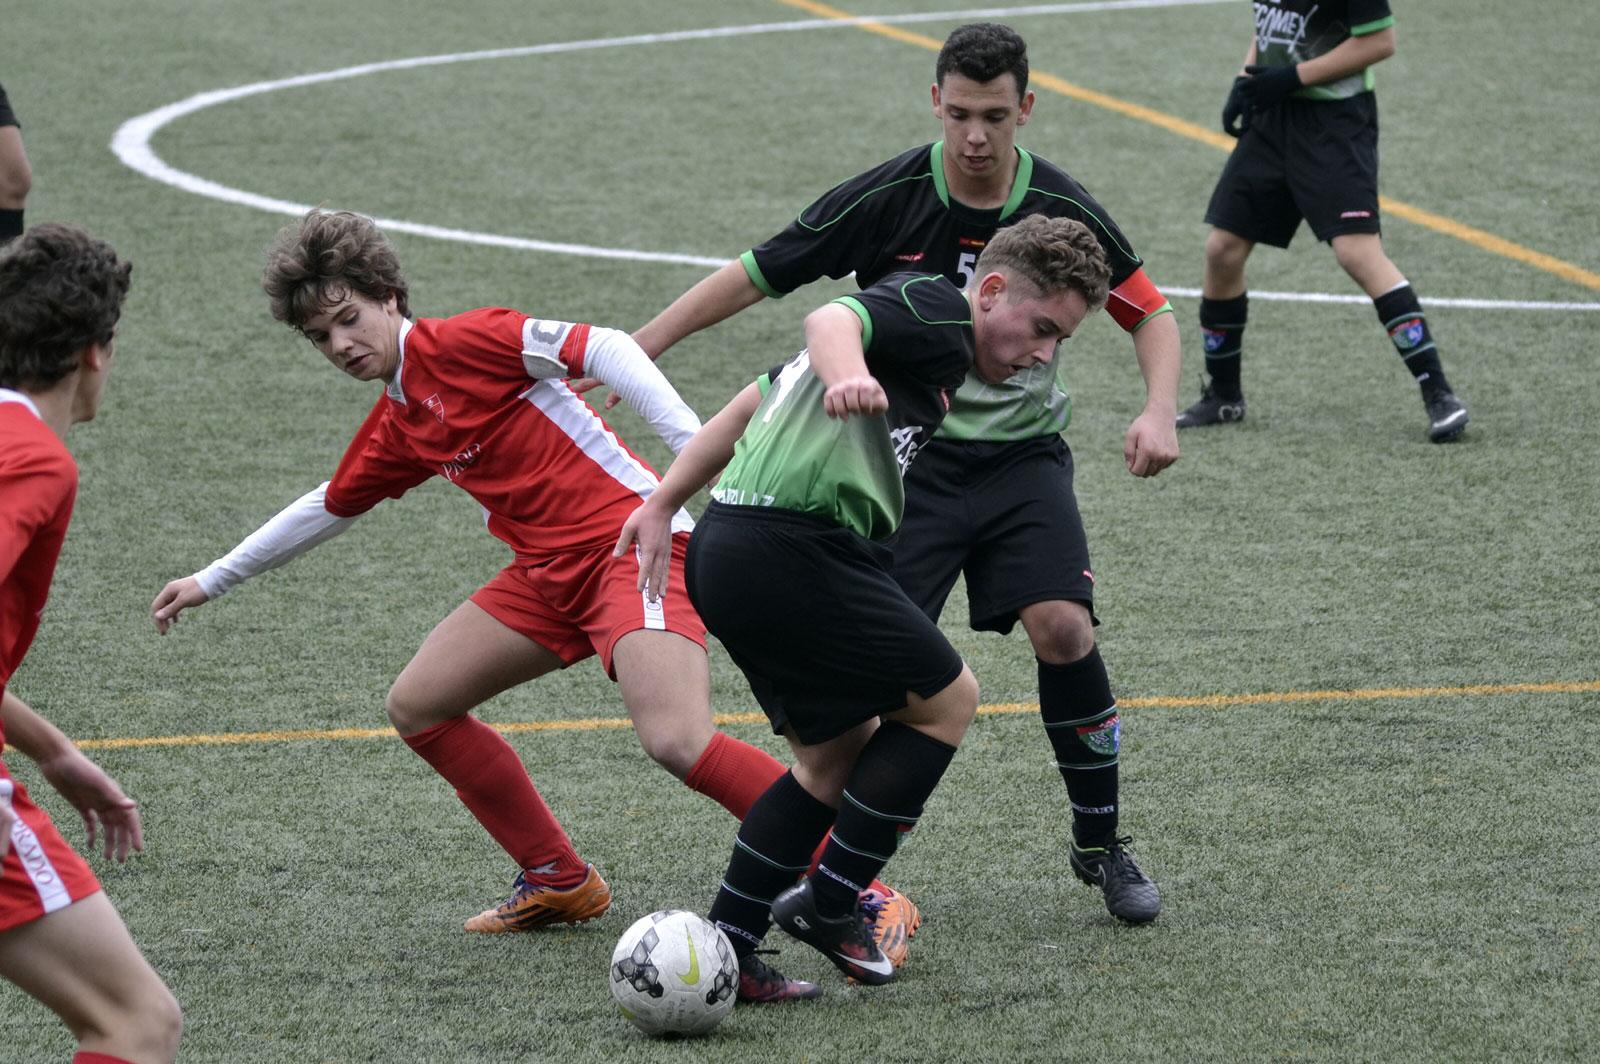 Crónica y fotos del partido de liga Colegio El Prado 1 – 3 EDM Cadete C